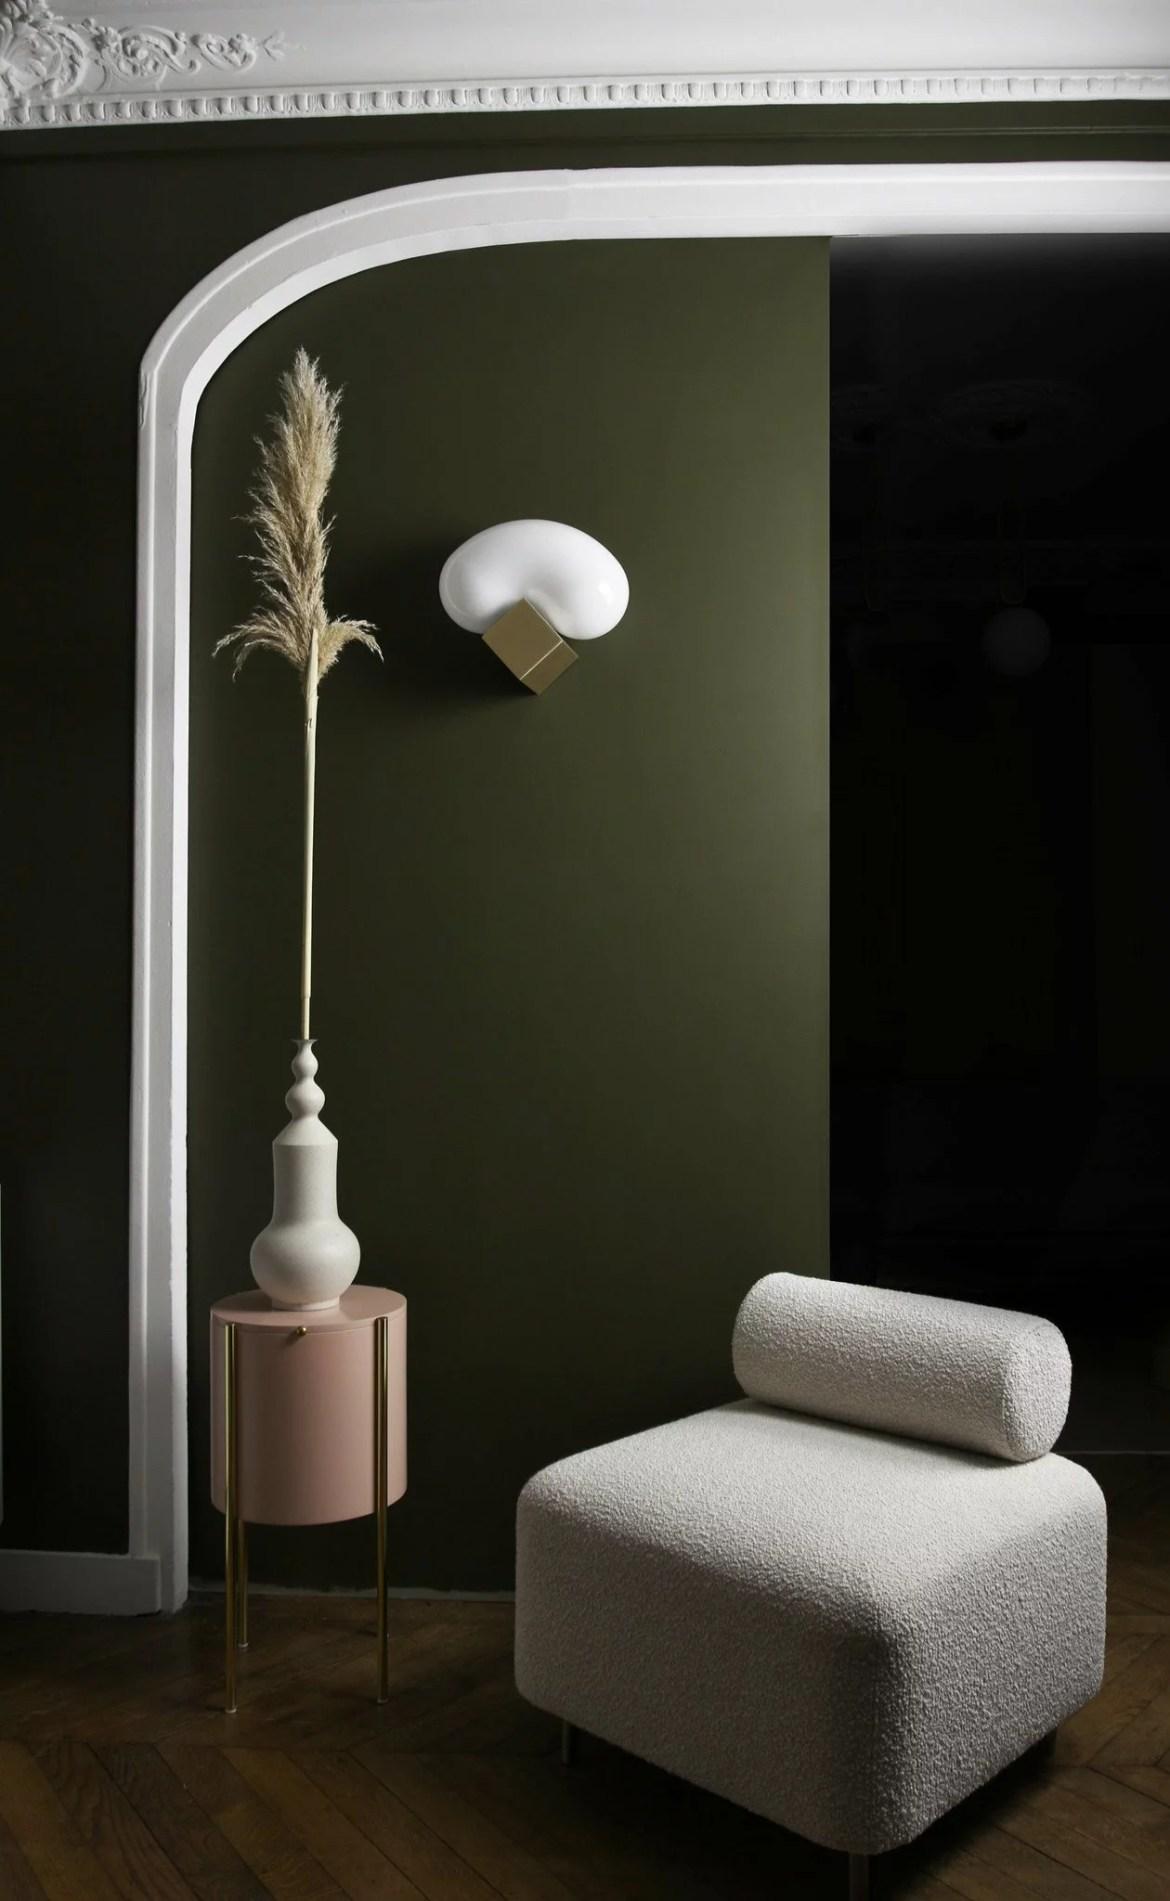 Maison et Objet 2020, ENOstudio, Beluga wall light